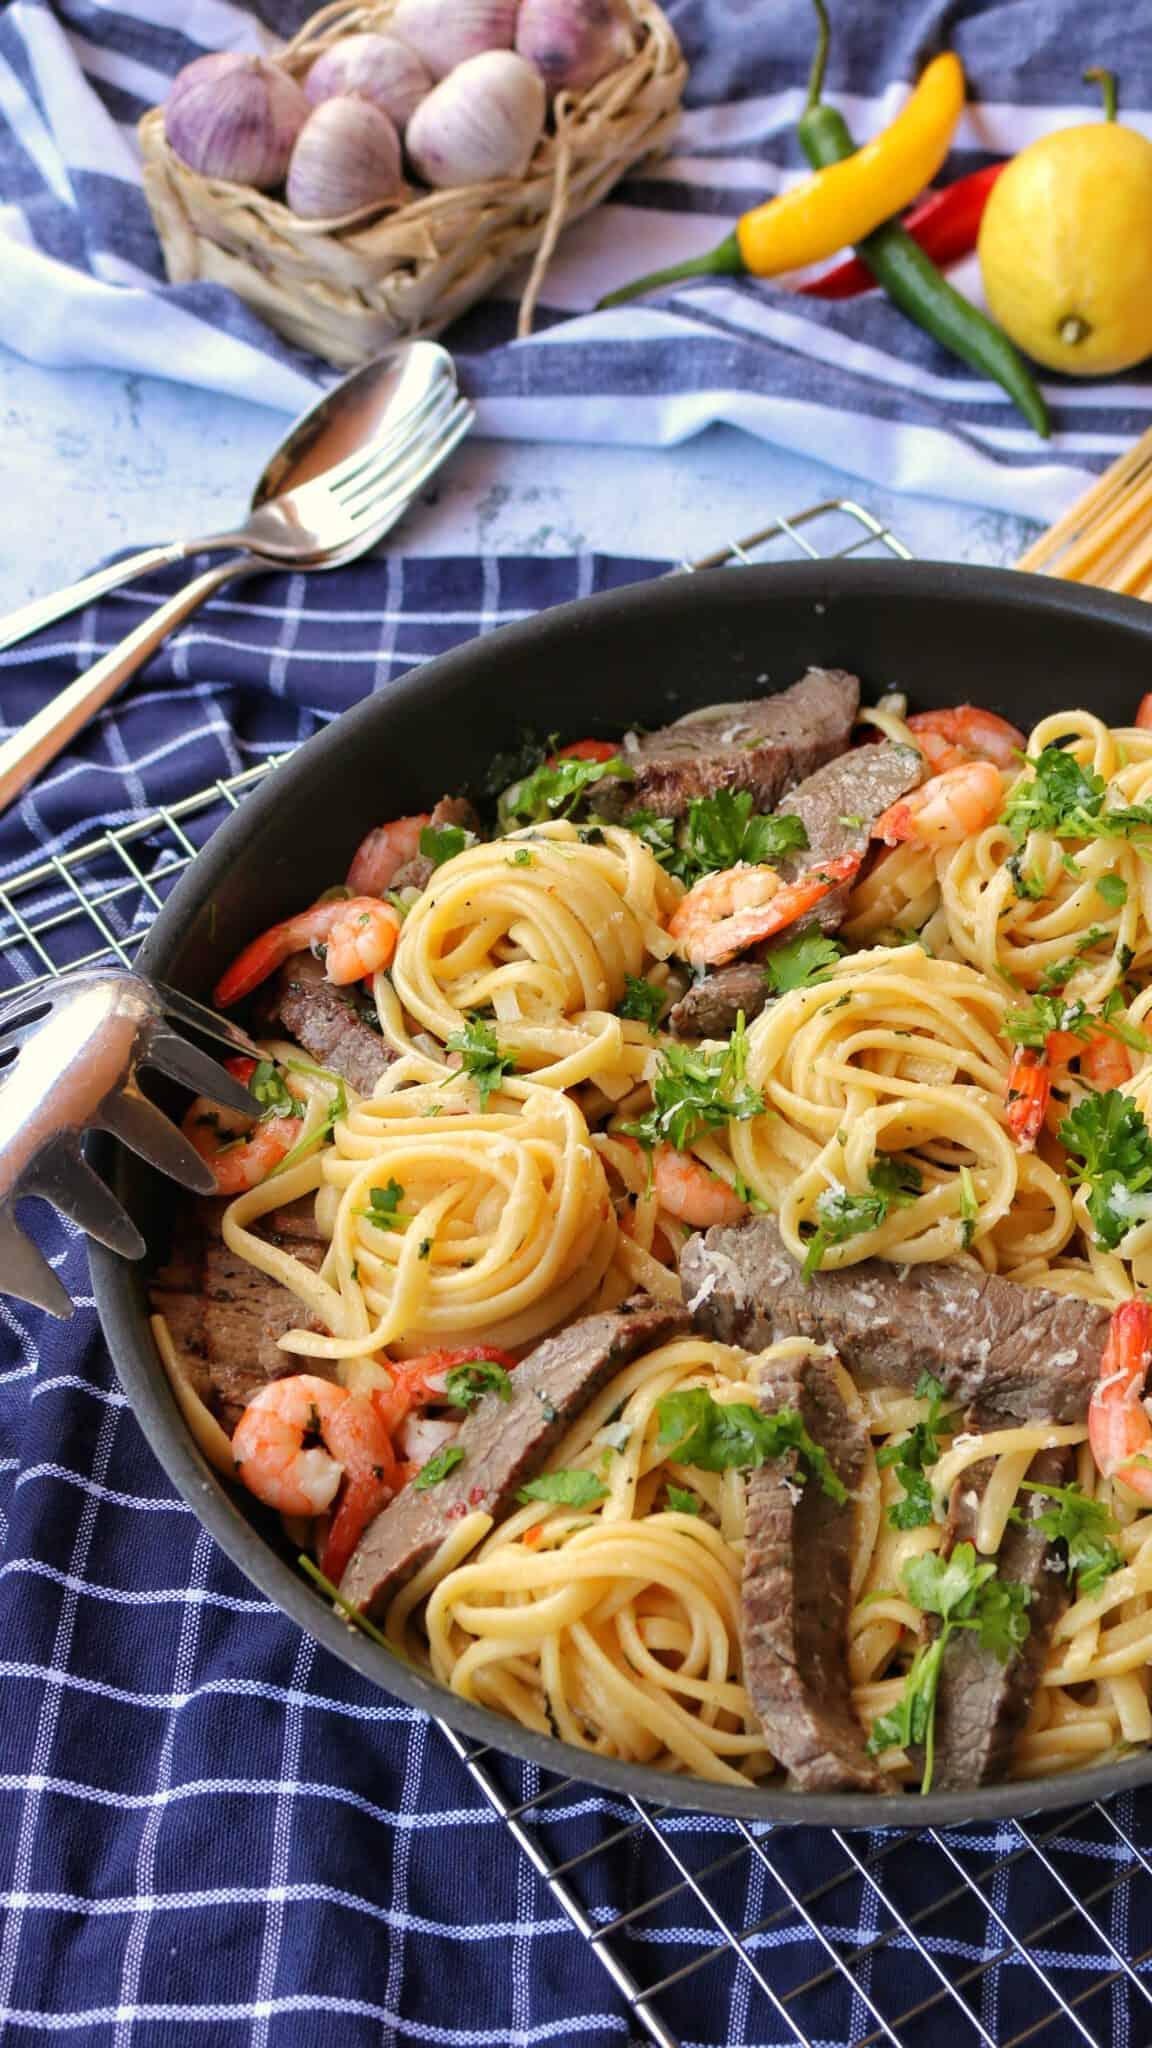 Eine Pfanne mit Spaghetti Aglio Olio mit Scampi und Steakstreifen. Im Hintergrund Deko.